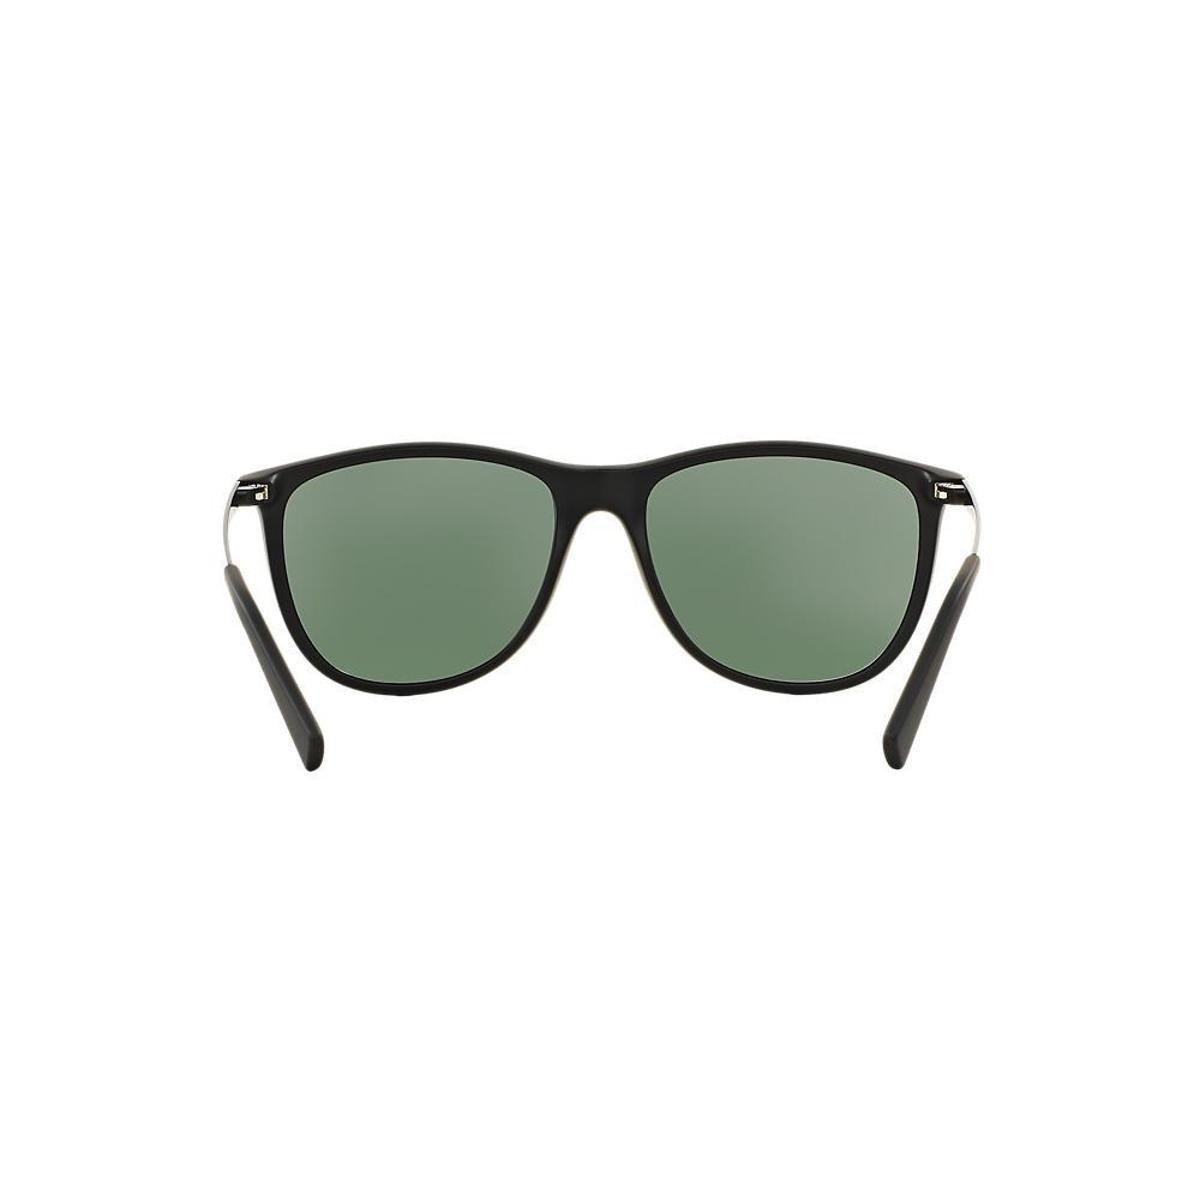 Óculos de Sol Armani Exchange Quadrado AX4047SL Masculino - Compre ... 9a9310b208